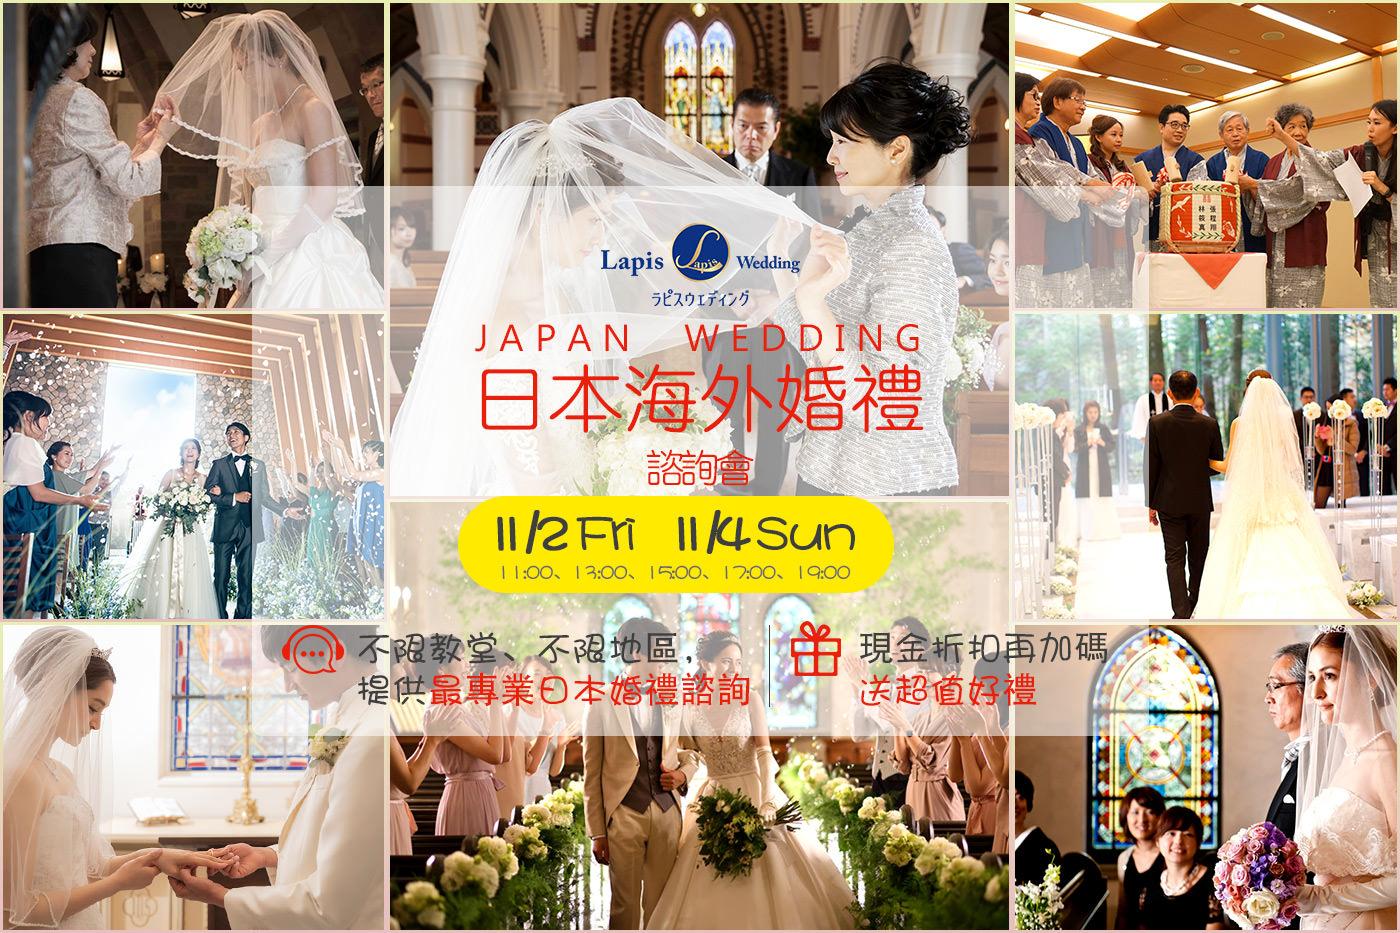 日本海外婚禮諮詢會